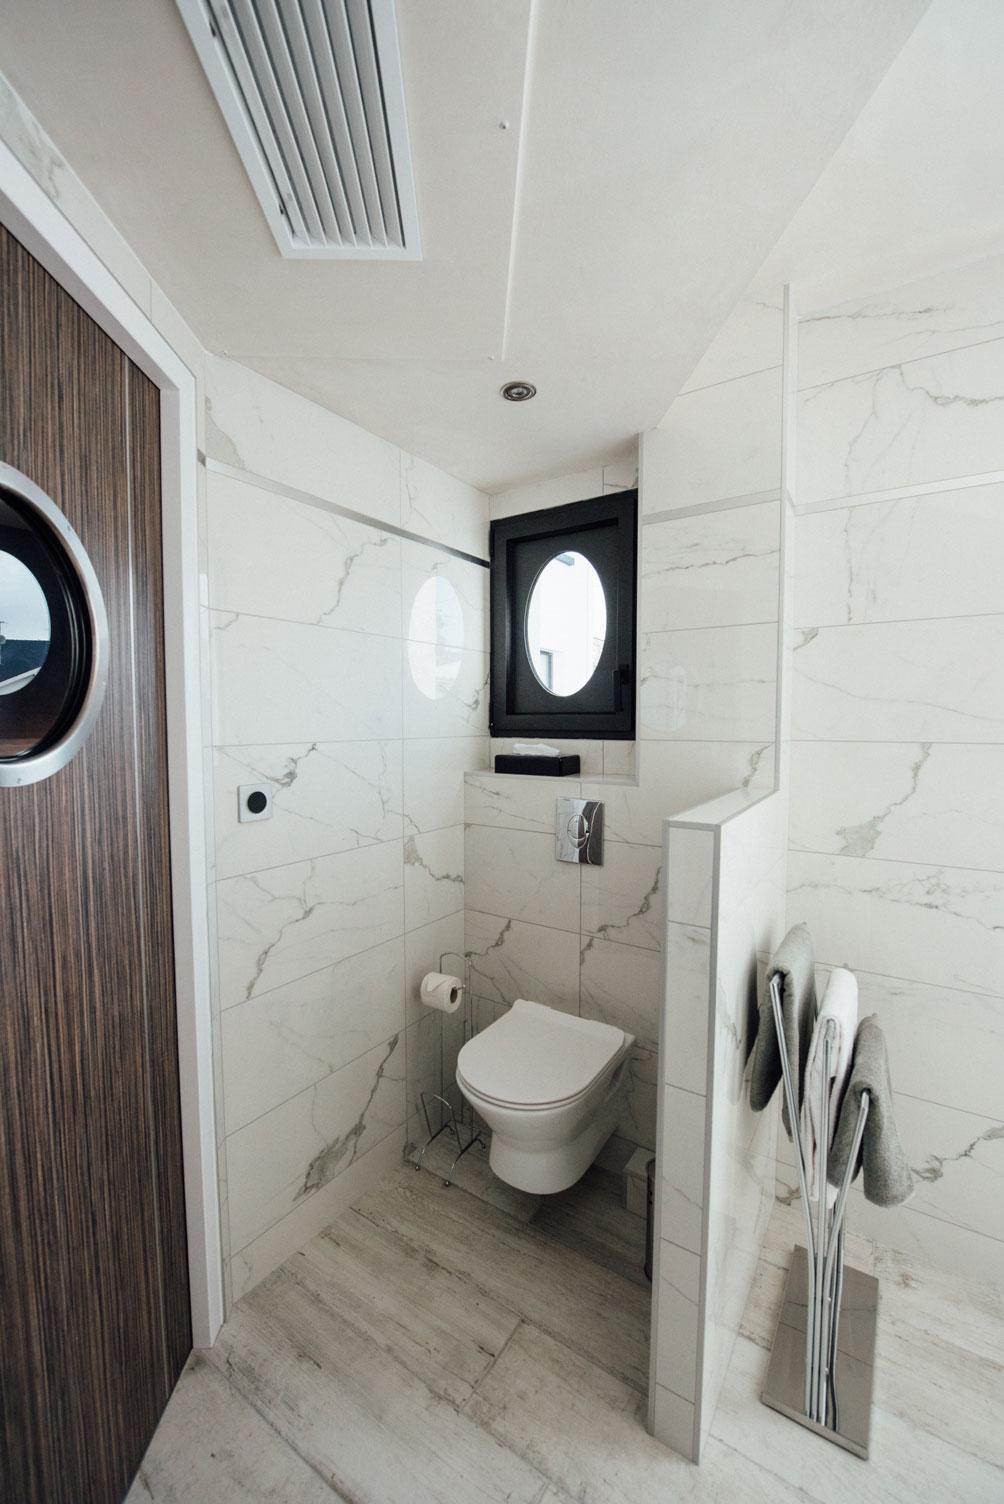 Salle de bain suite Balnéo, vue de l'intérieur (portes, toilettes, porte-serviette) | Amirauté Hôtel La Baule